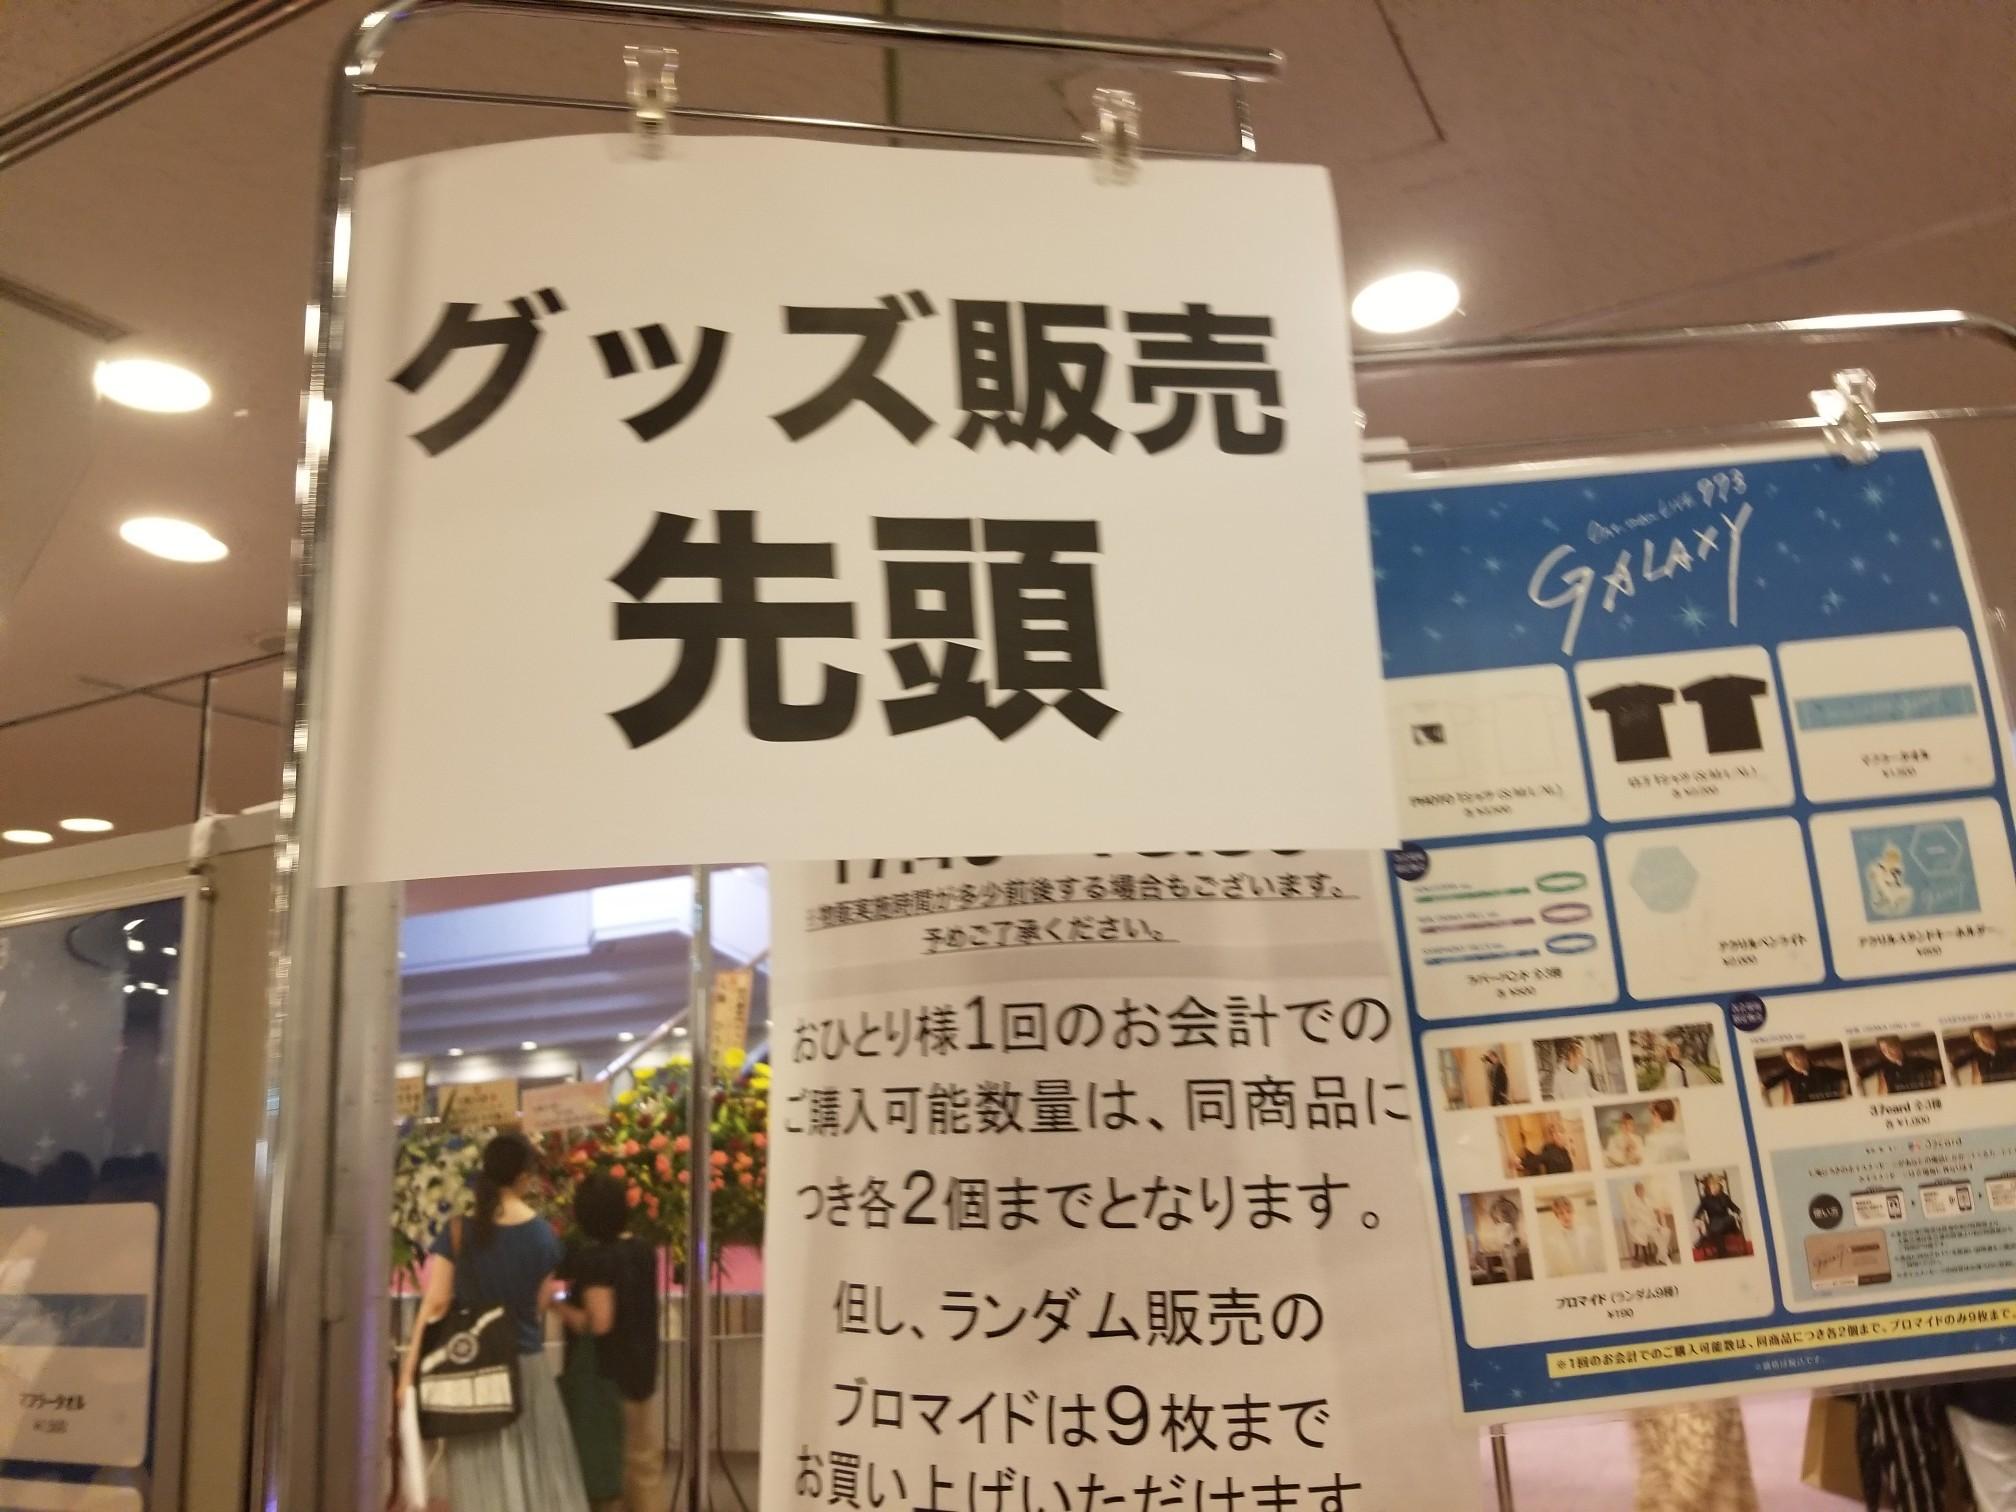 ♪ワンマンライブ★GALAXY_d0162225_00232009.jpg